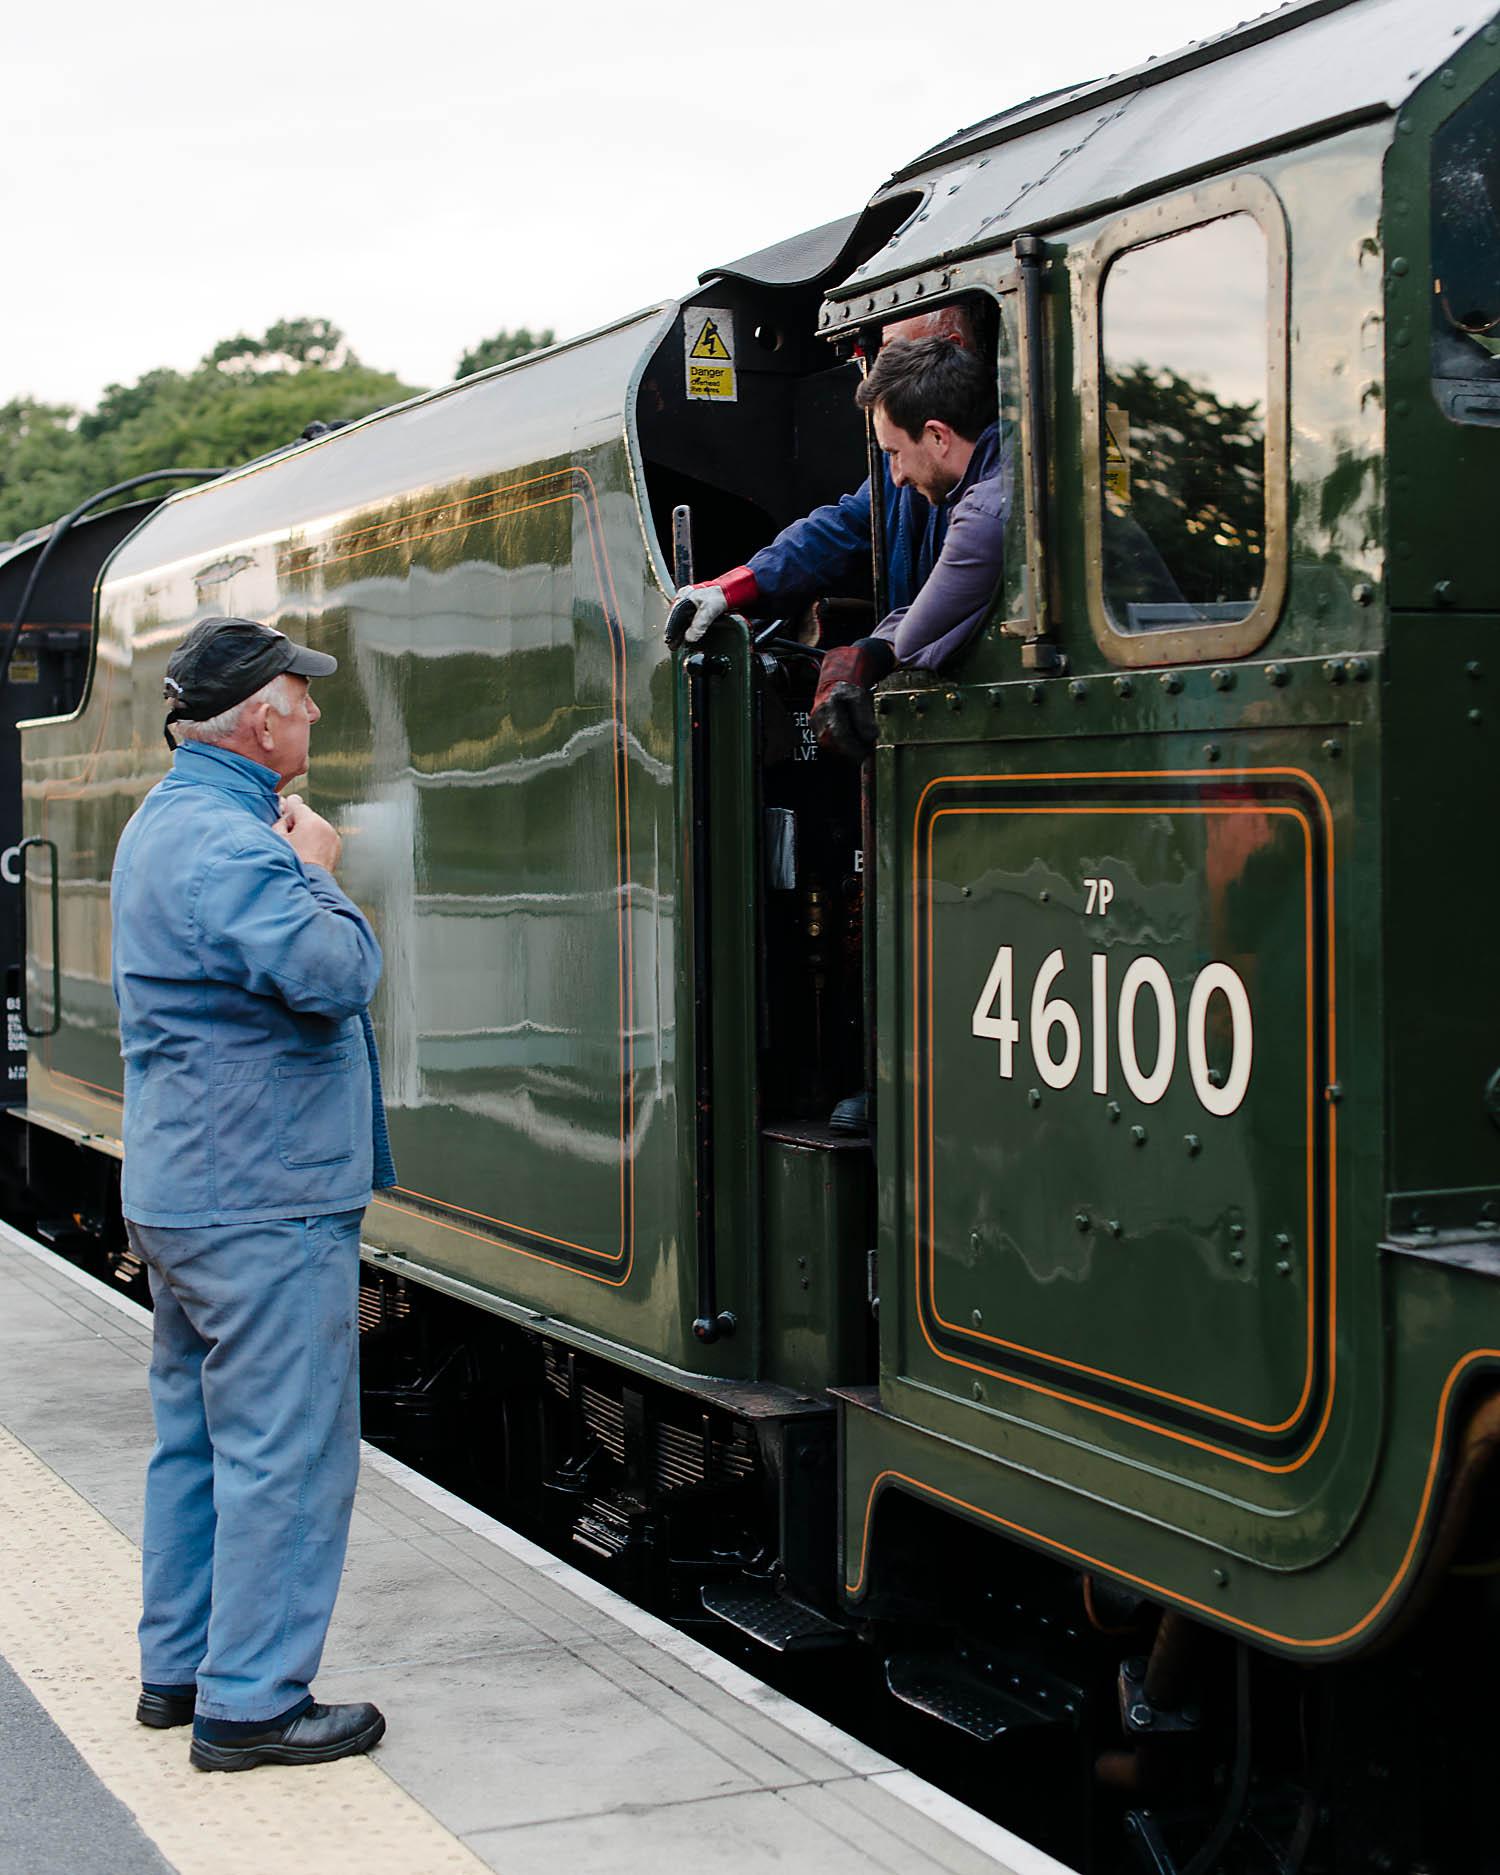 the train crew prepare for the return journey